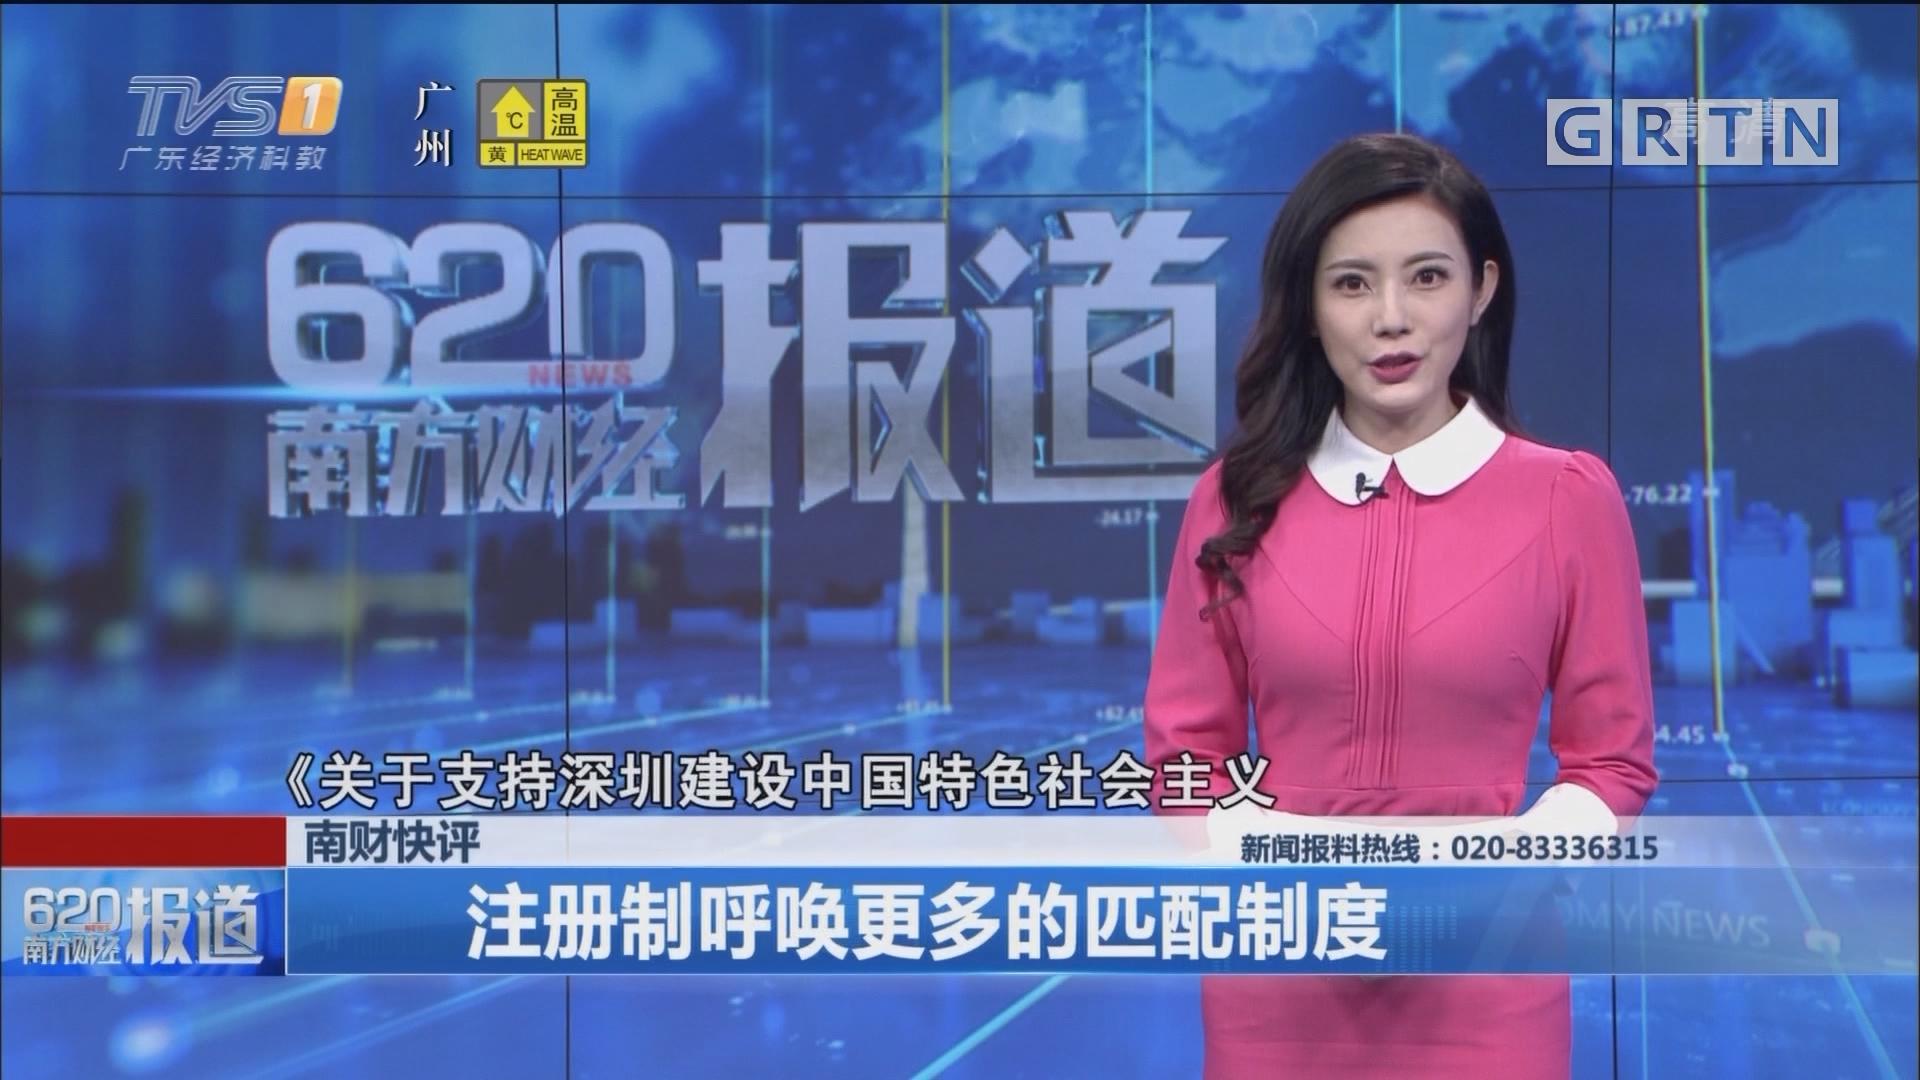 南财快评:注册制呼唤更多的匹配制度